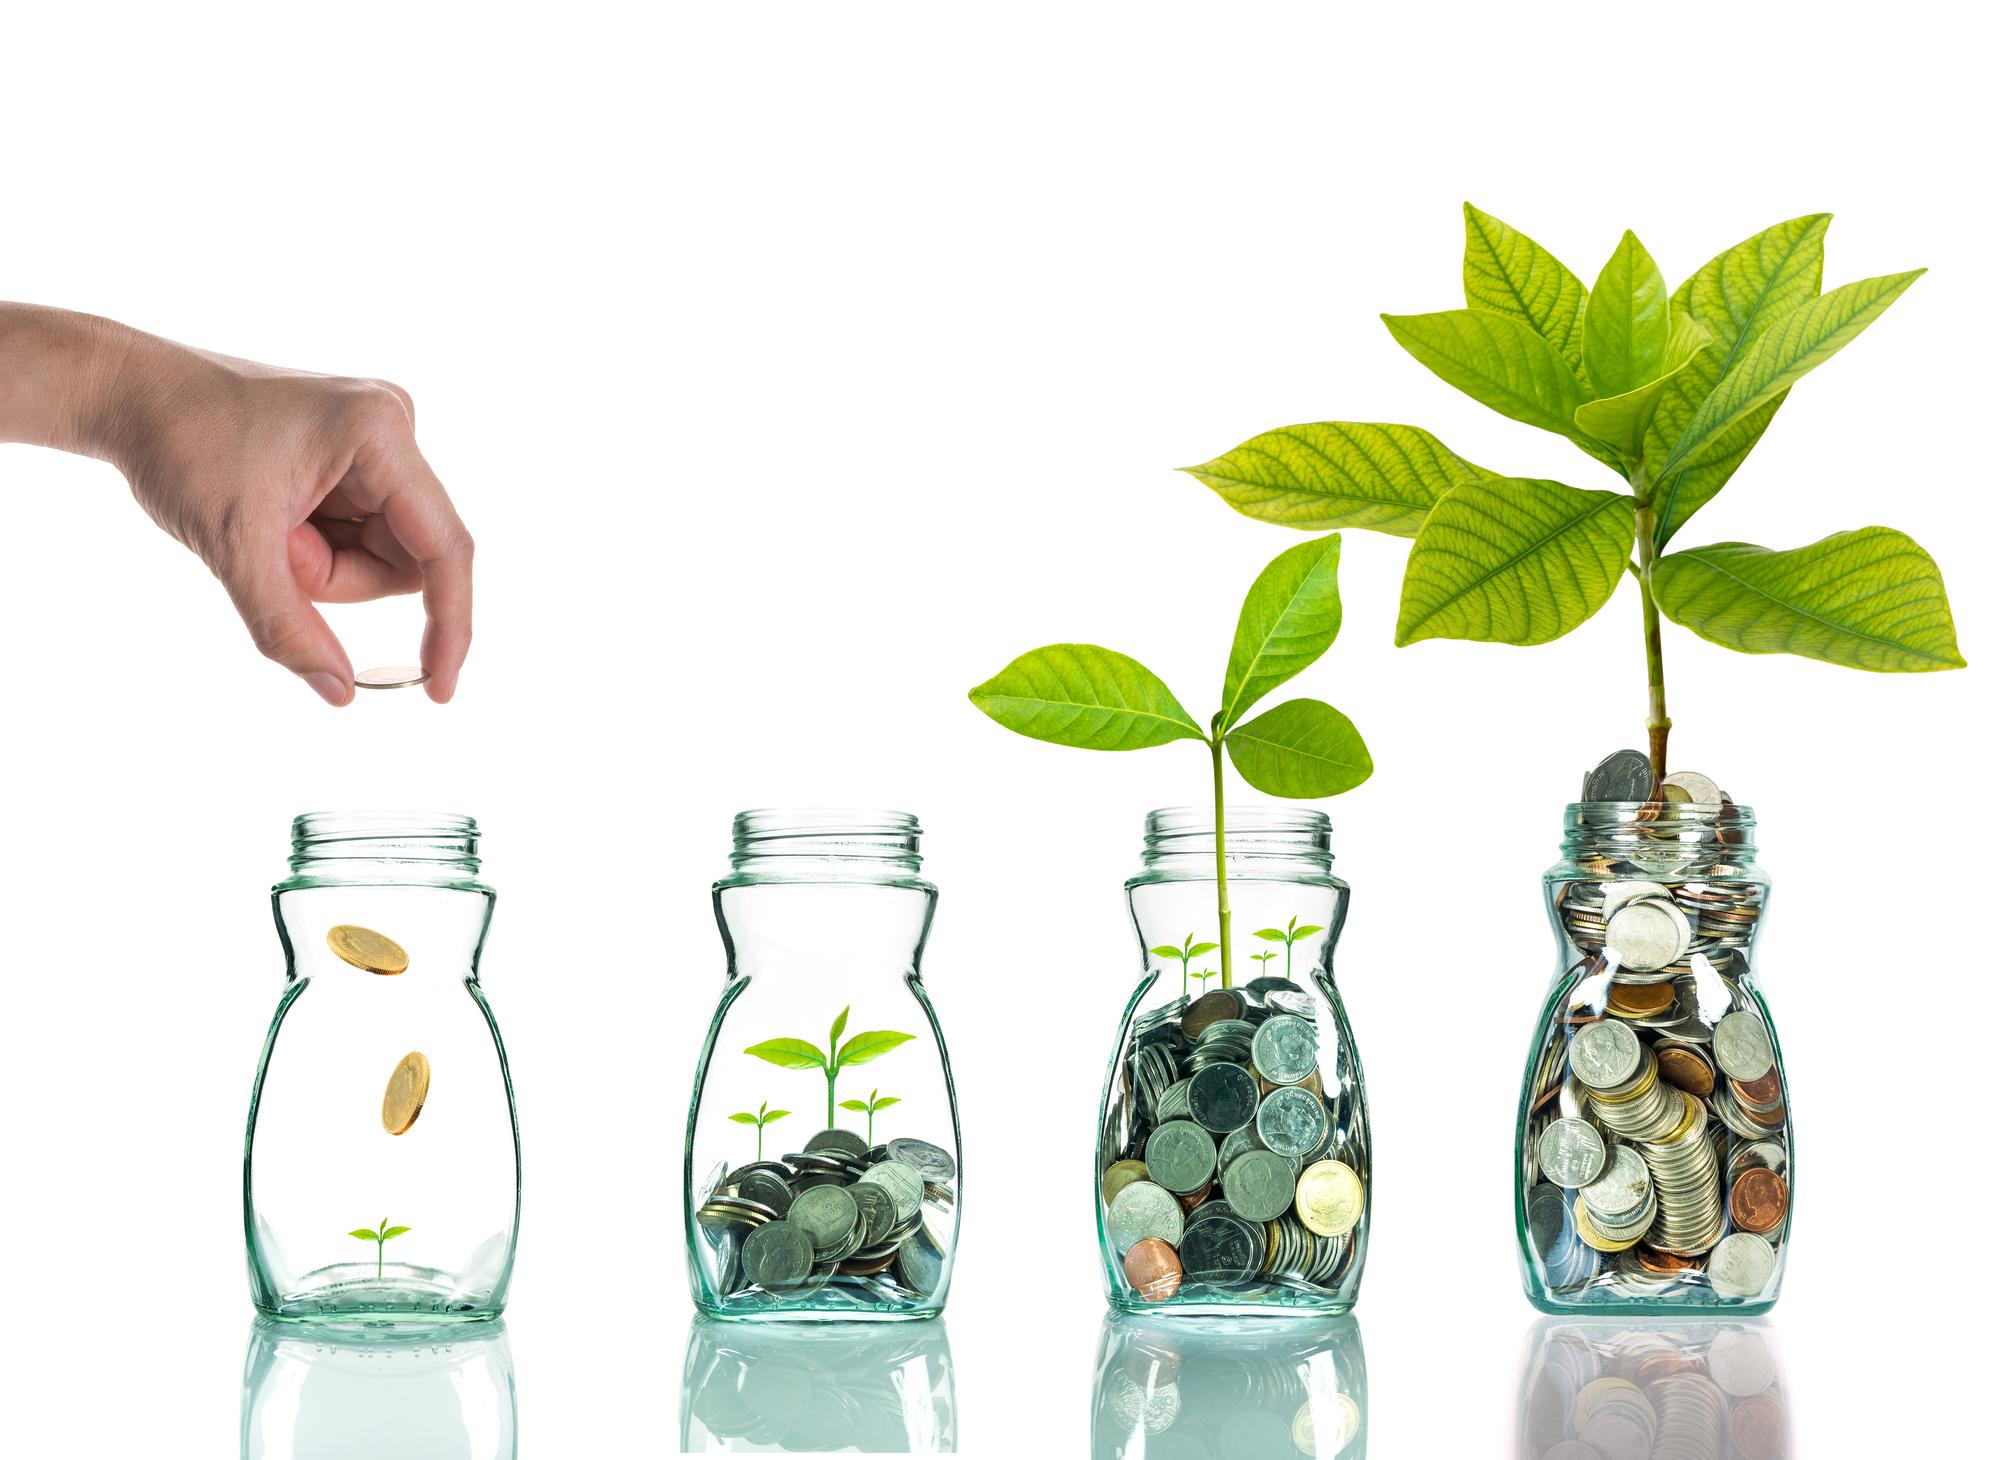 ¿Por qué invertir en bienes raíces?